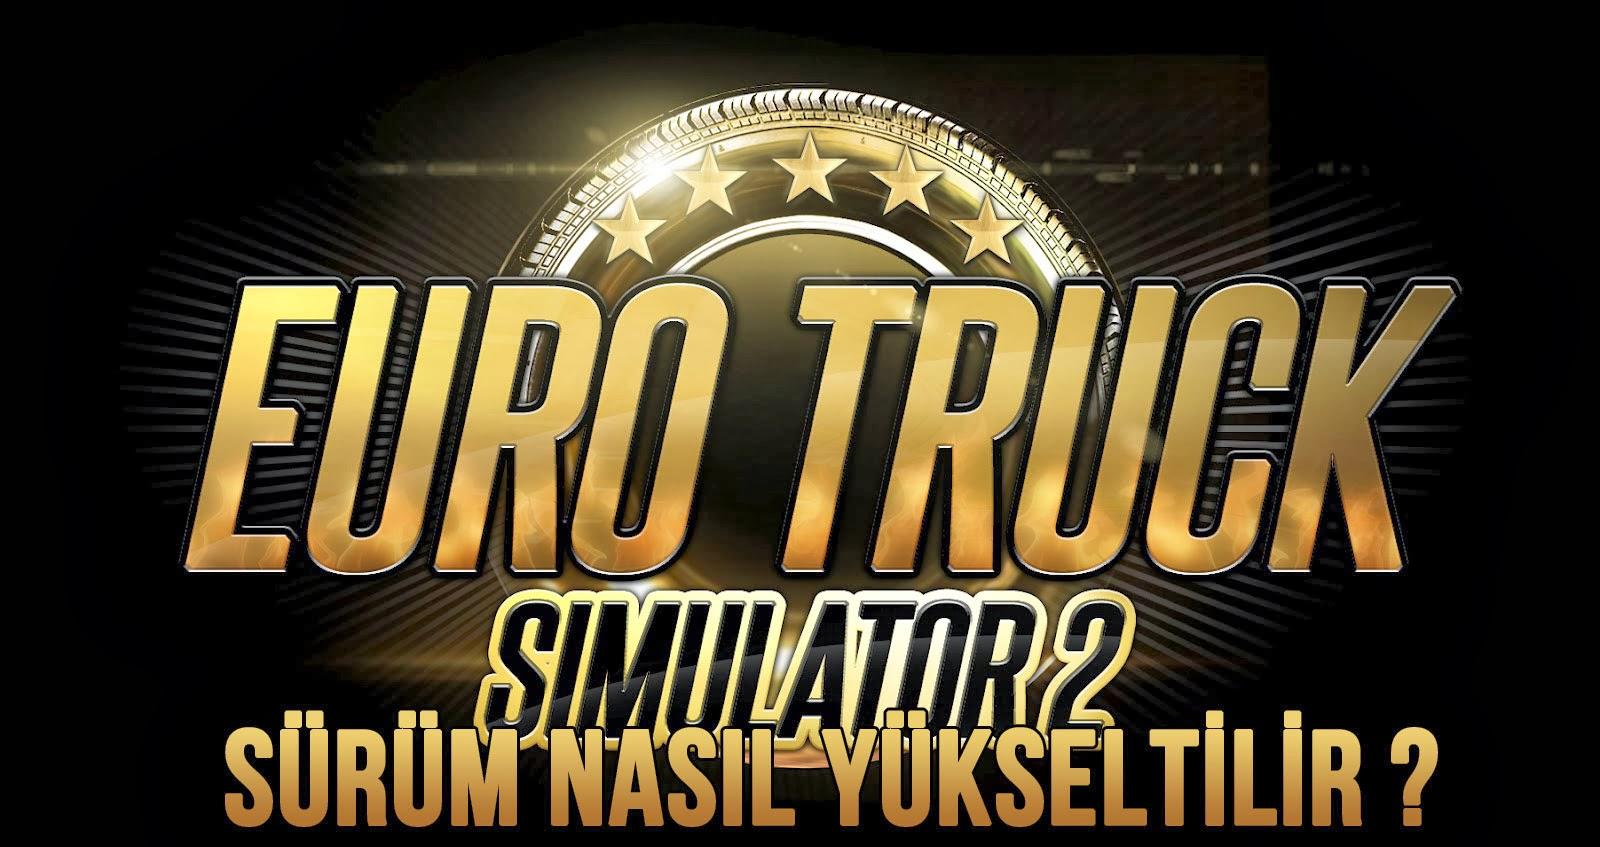 ets2 sürüm yükseltme,ets2 oyun güncelleme,ets2 oyun nasıl güncellenir,ets2de sürüm yükseltme,euro truck simulator 2 sürüm yükseltme,euro truck simulator 2 oyun güncelleme,euro truck simulator 2 oyun nasıl güncellenir,